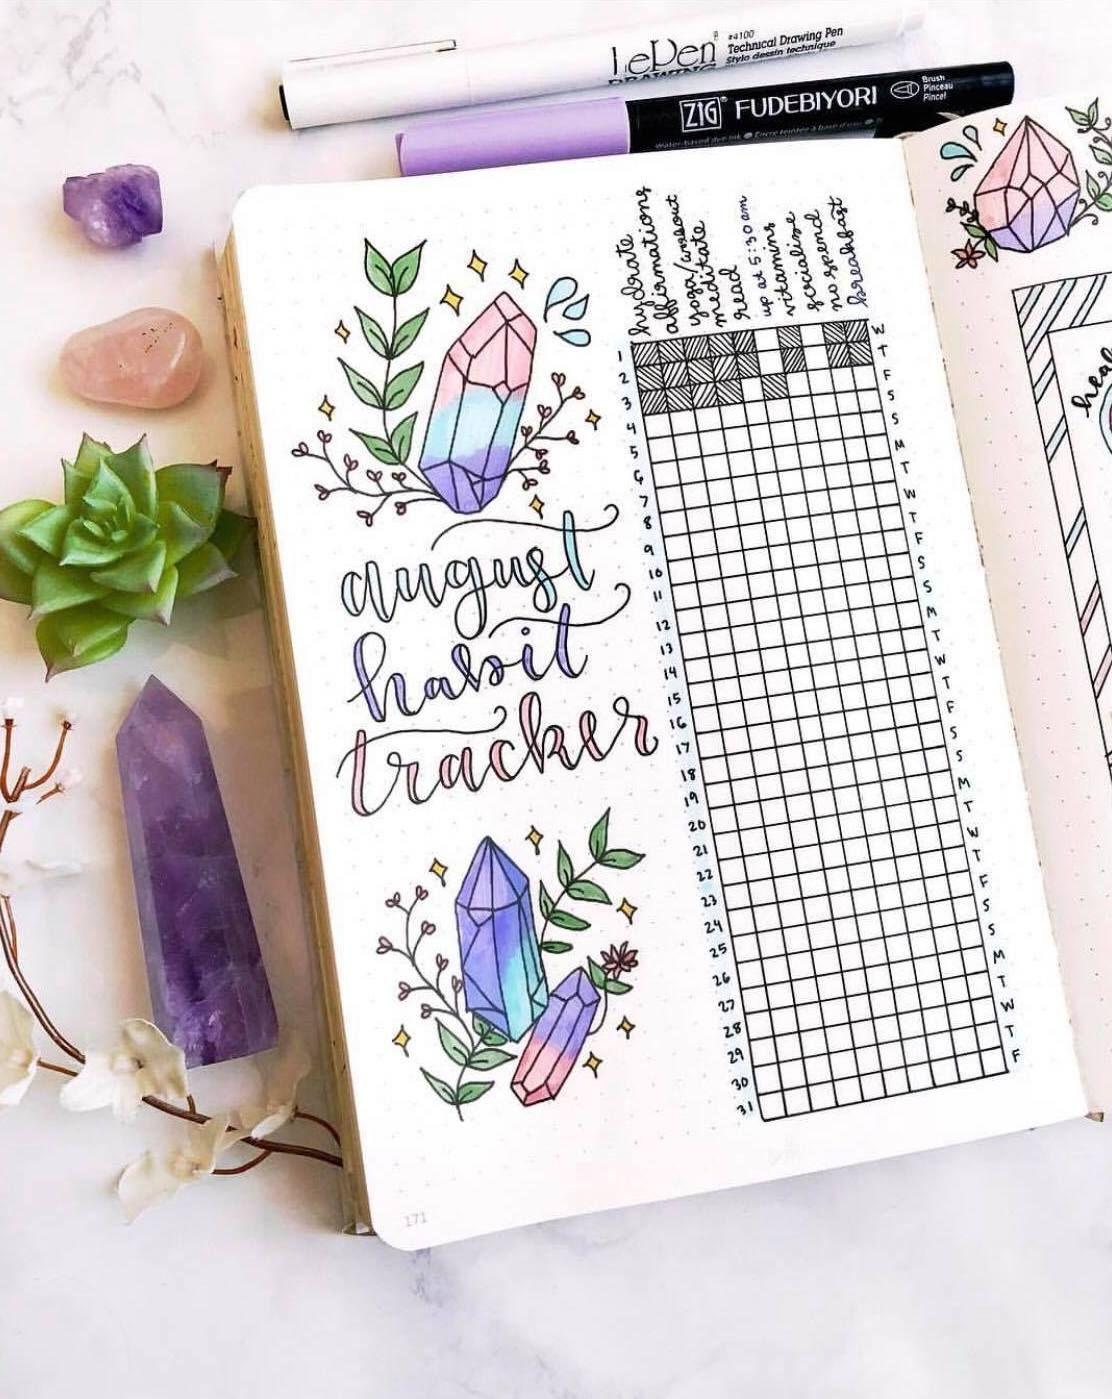 ig@plan.tful's amazing August habit tracker   bullet journal ideas #augustbulletjournal